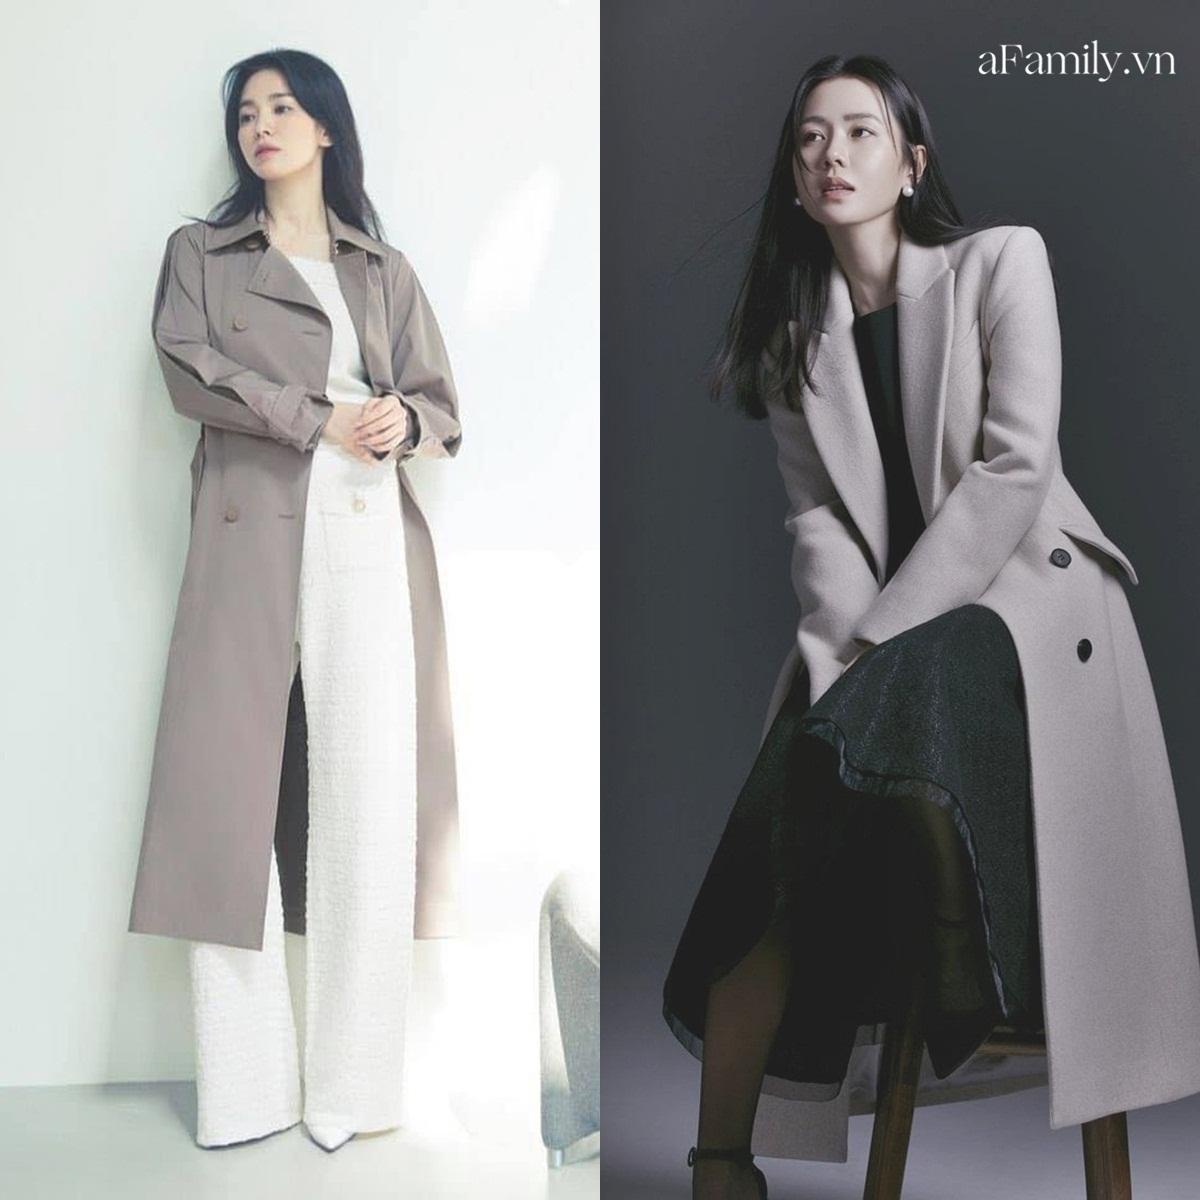 Song Hye Kyo Son Ye Jin làm mẫu đồ công sở Thu Đông - Ảnh 2.